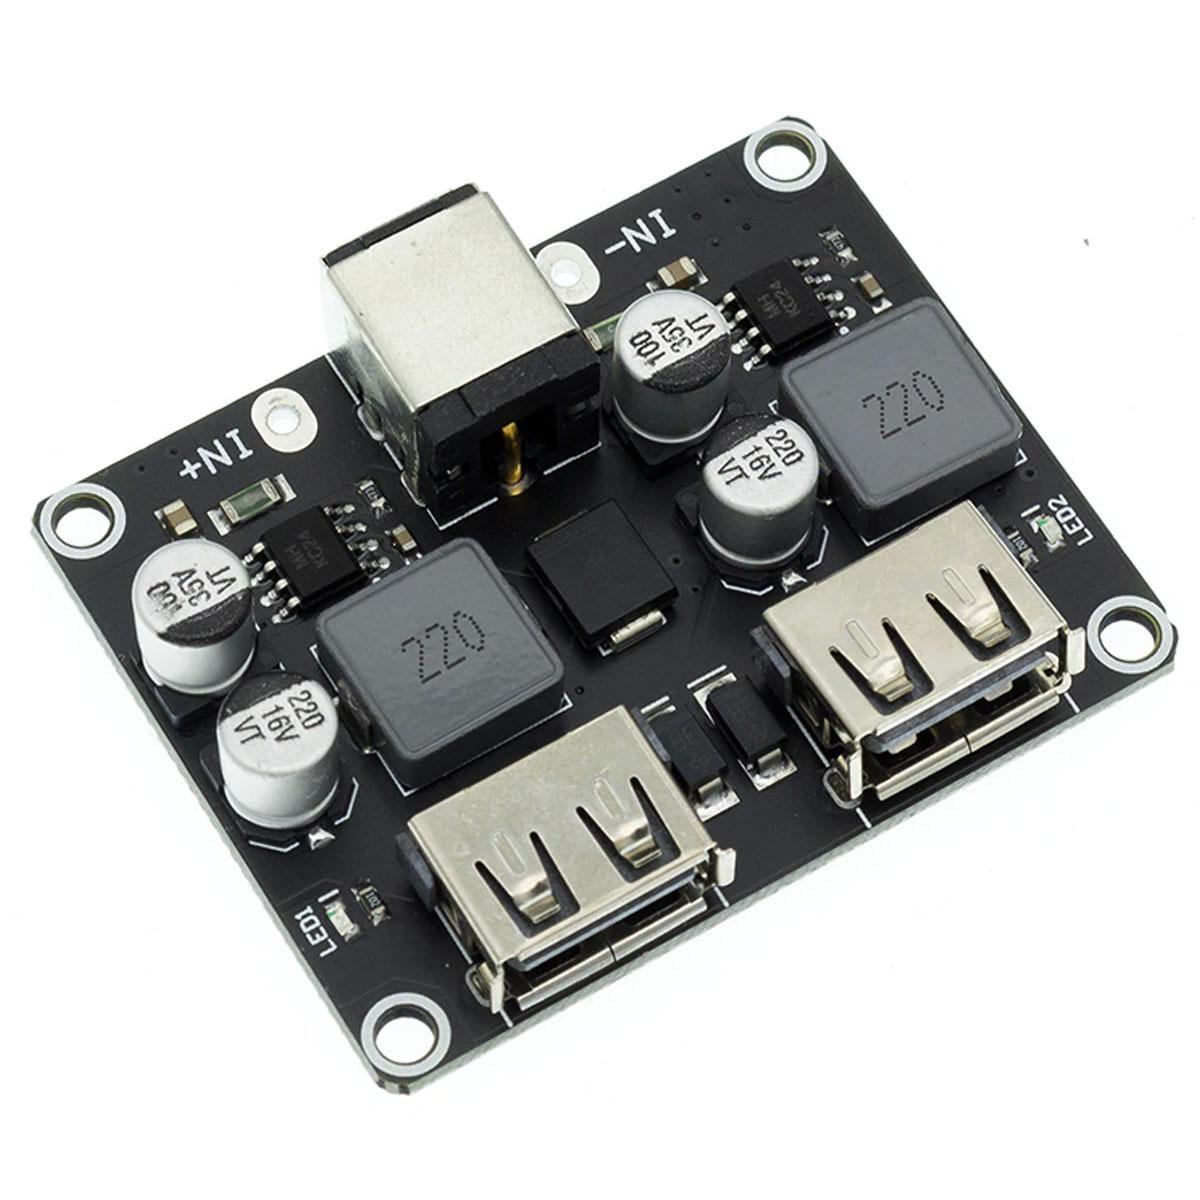 Módulo Regulador de tensão DC DC Step Down 5V p/ carregamento rápido com 2 saídas USB